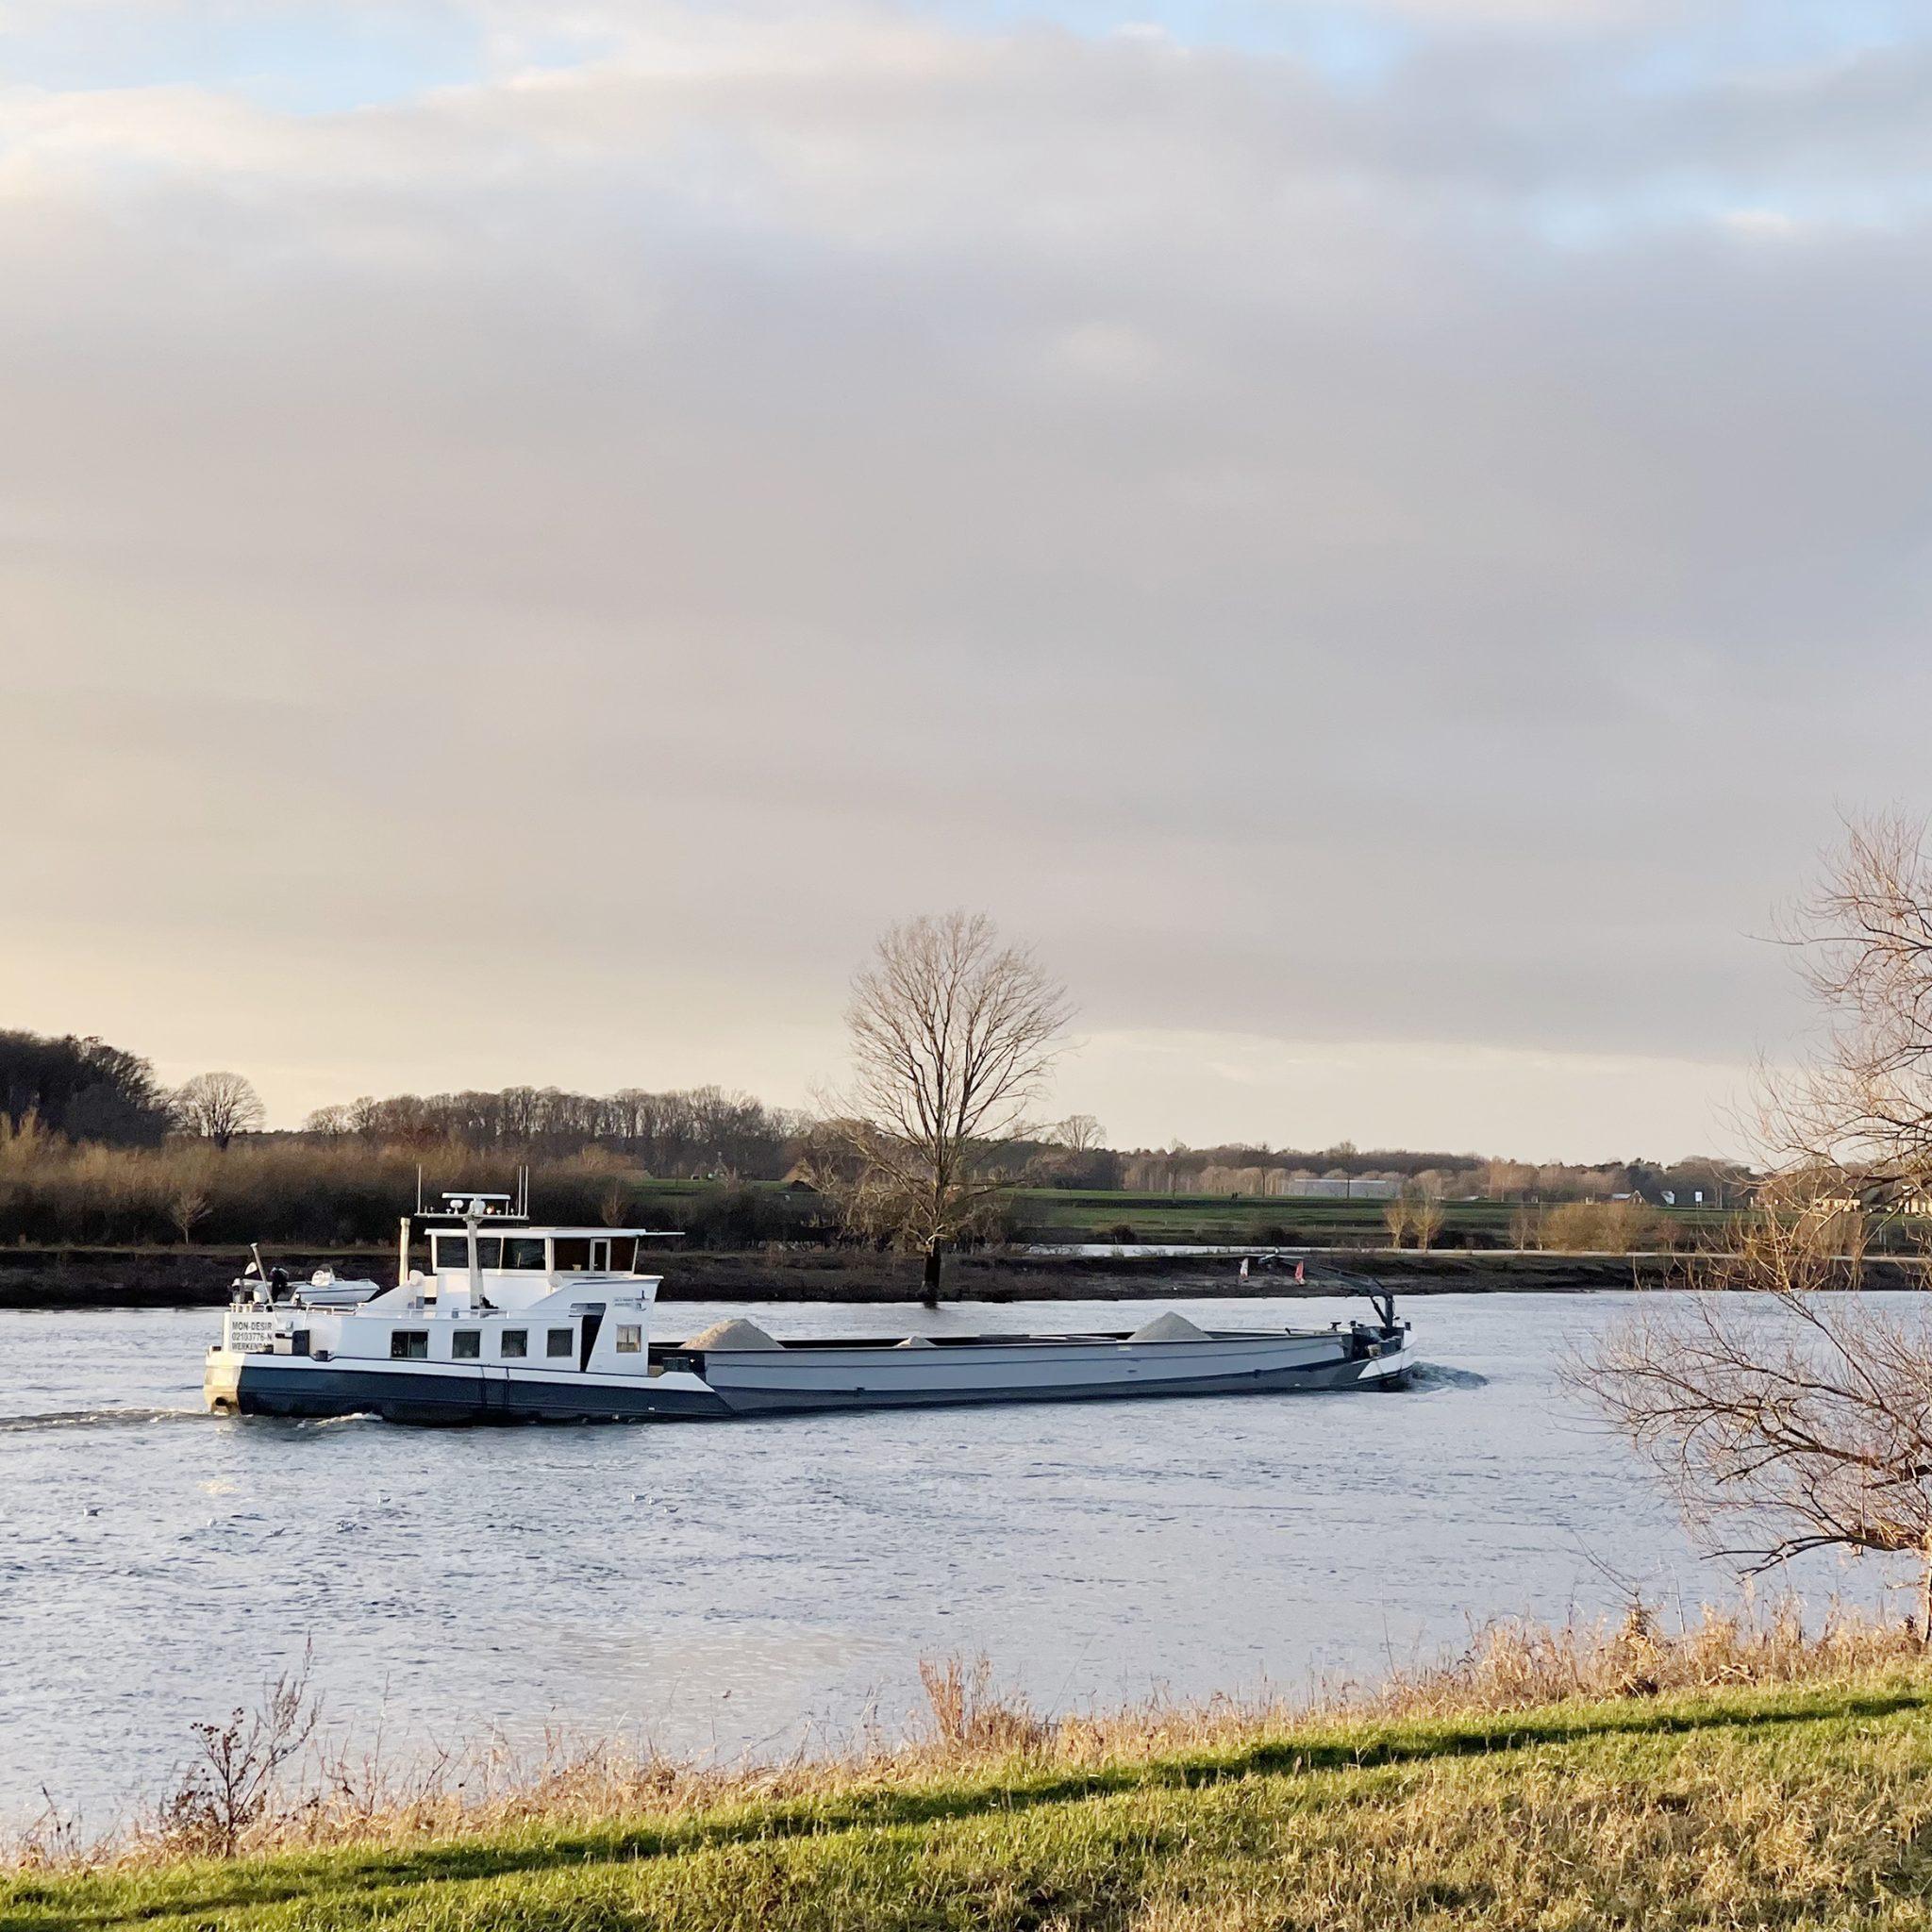 De Europese Commissie vindt een duurzame en moderne binnenvaartsector 'essentieel voor het terugdringen van broeikasemissies in de gehele transportsector'. (Foto Erik van Huizen)